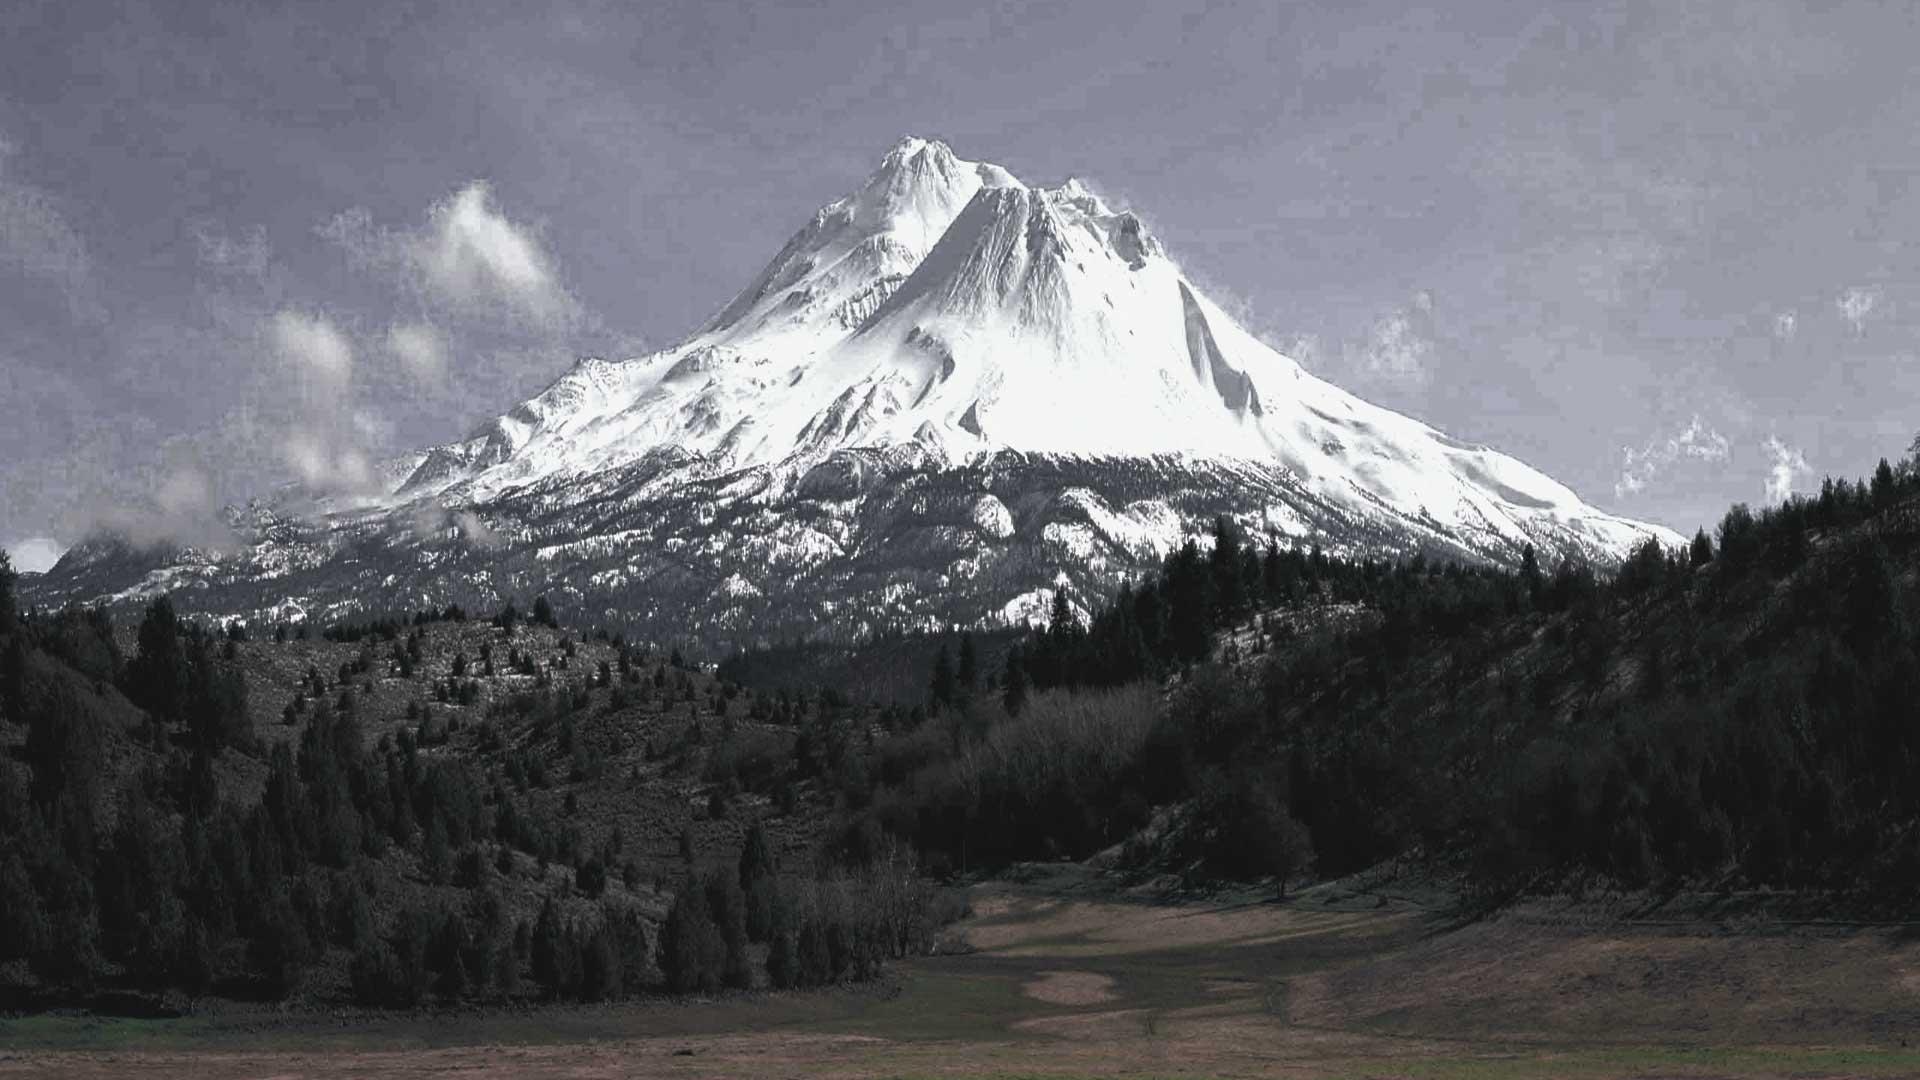 El lugar más mágico y misterioso de América del Norte, el Monte Shasta